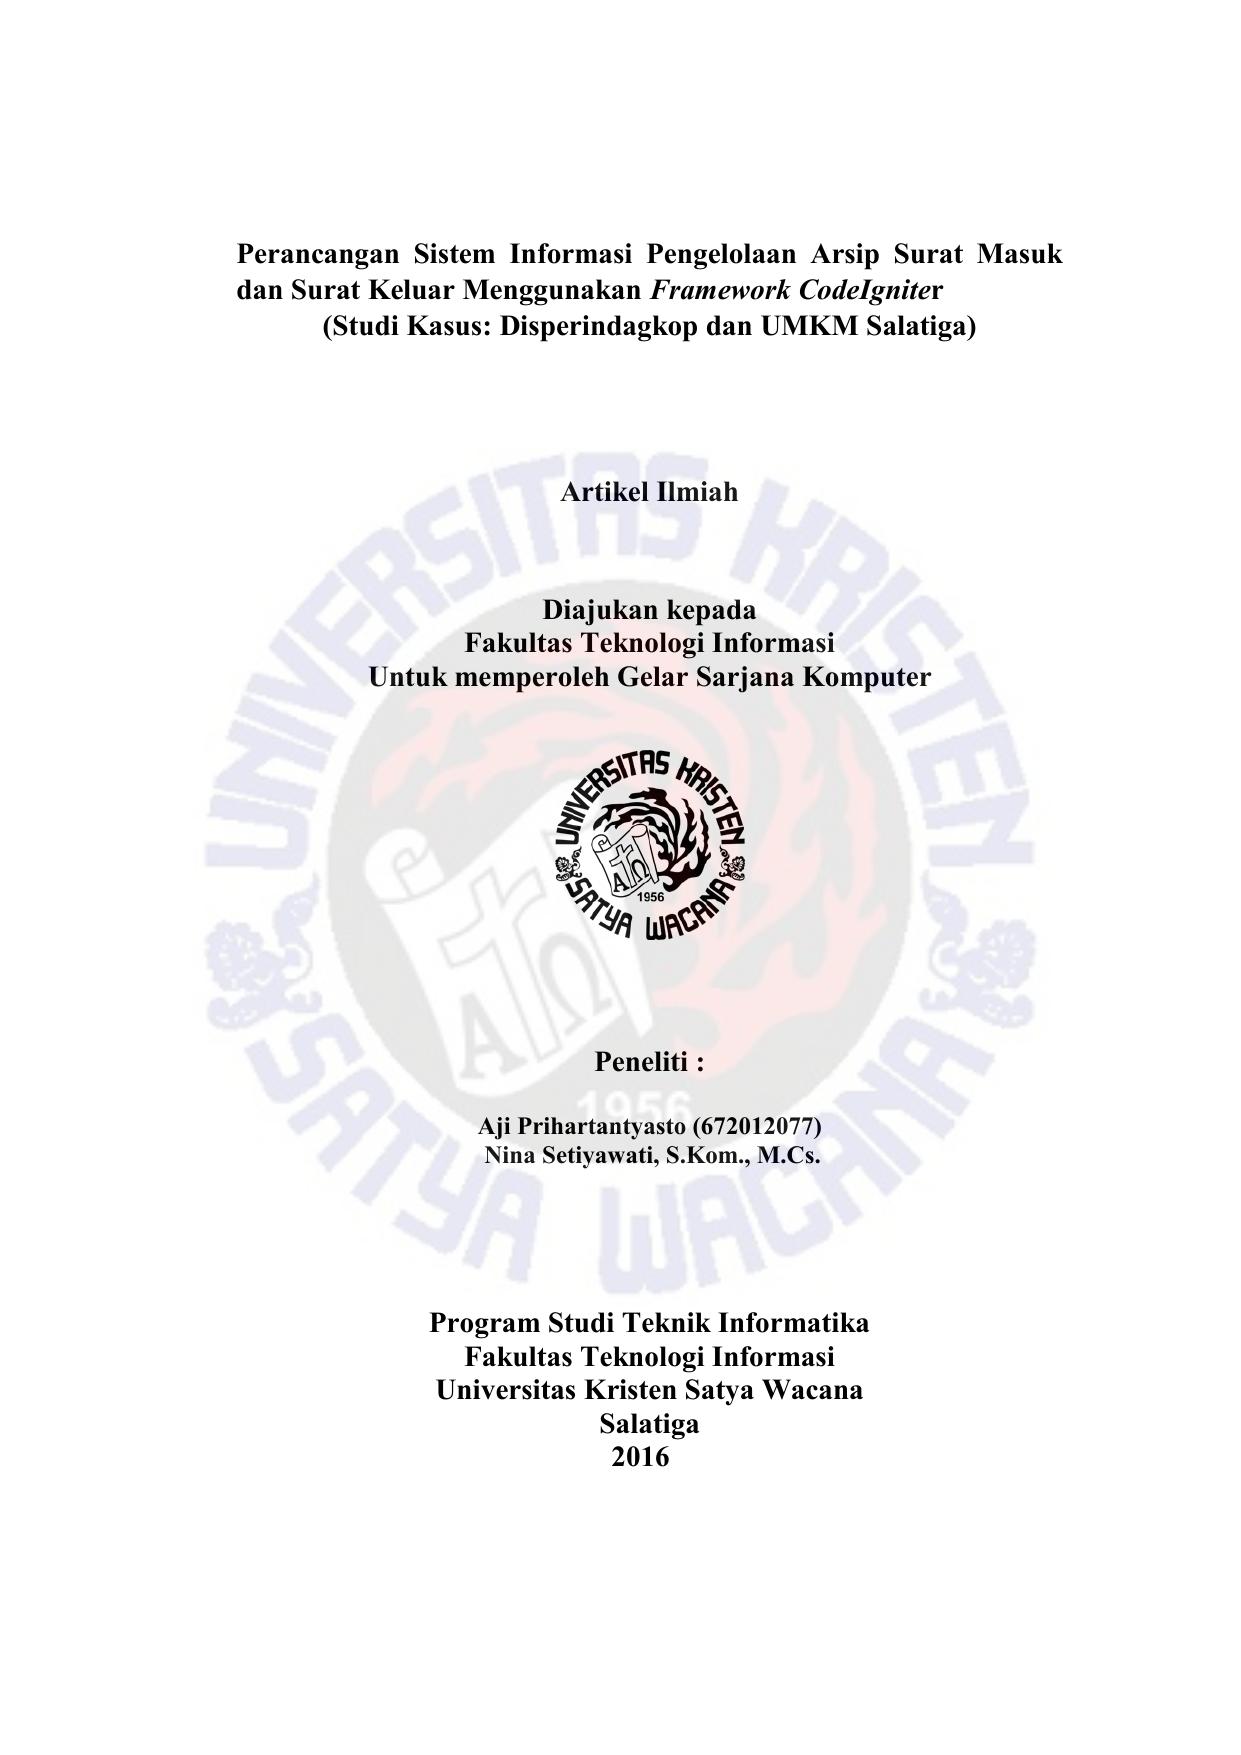 Perancangan Sistem Informasi Pengelolaan Arsip Surat Masuk Dan